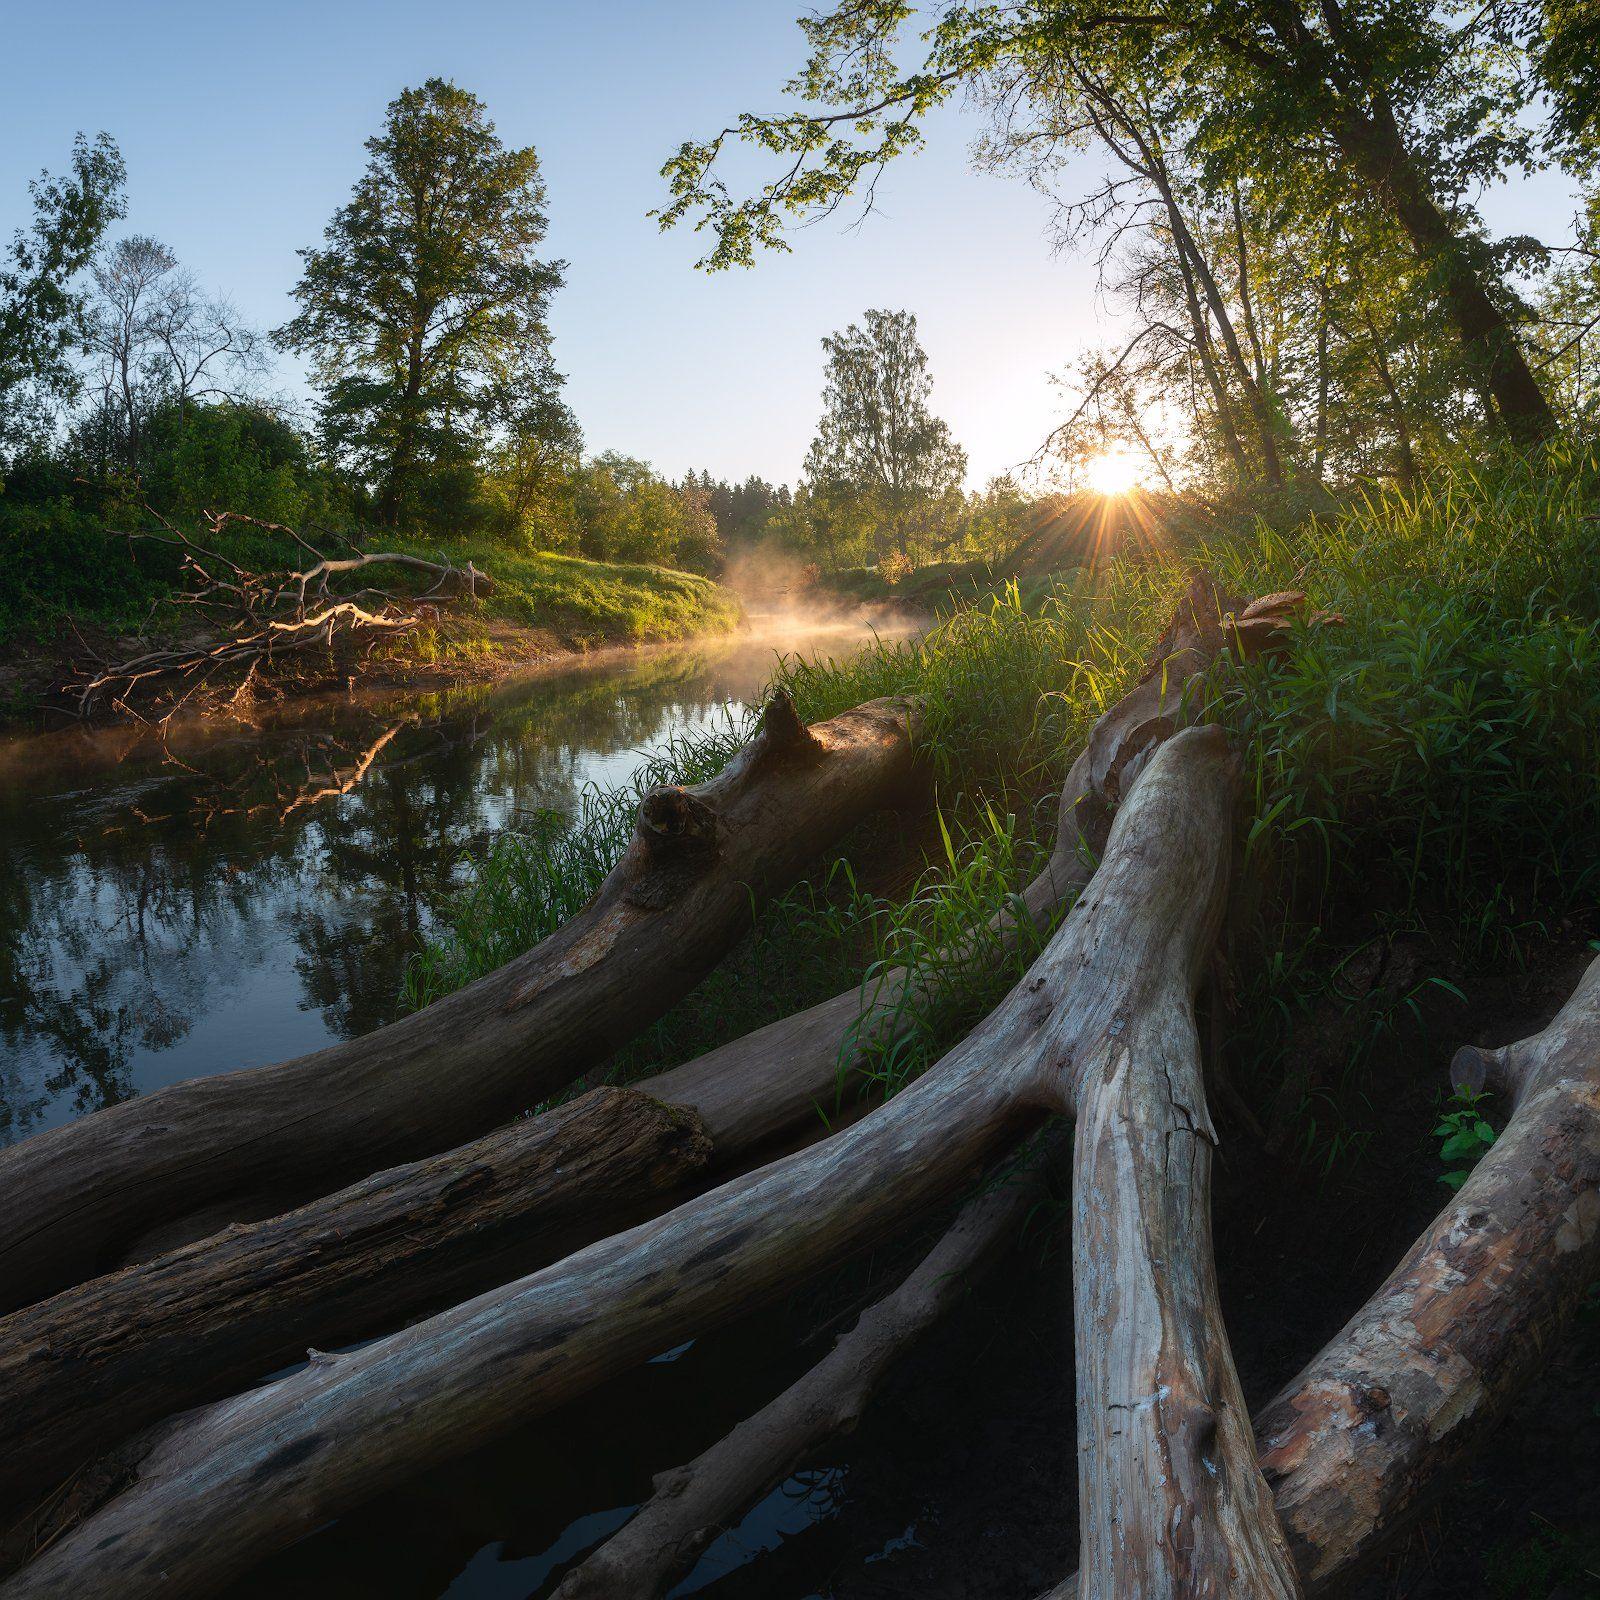 пейзаж река утро рассвет весна латвия, Алексей Мельситов